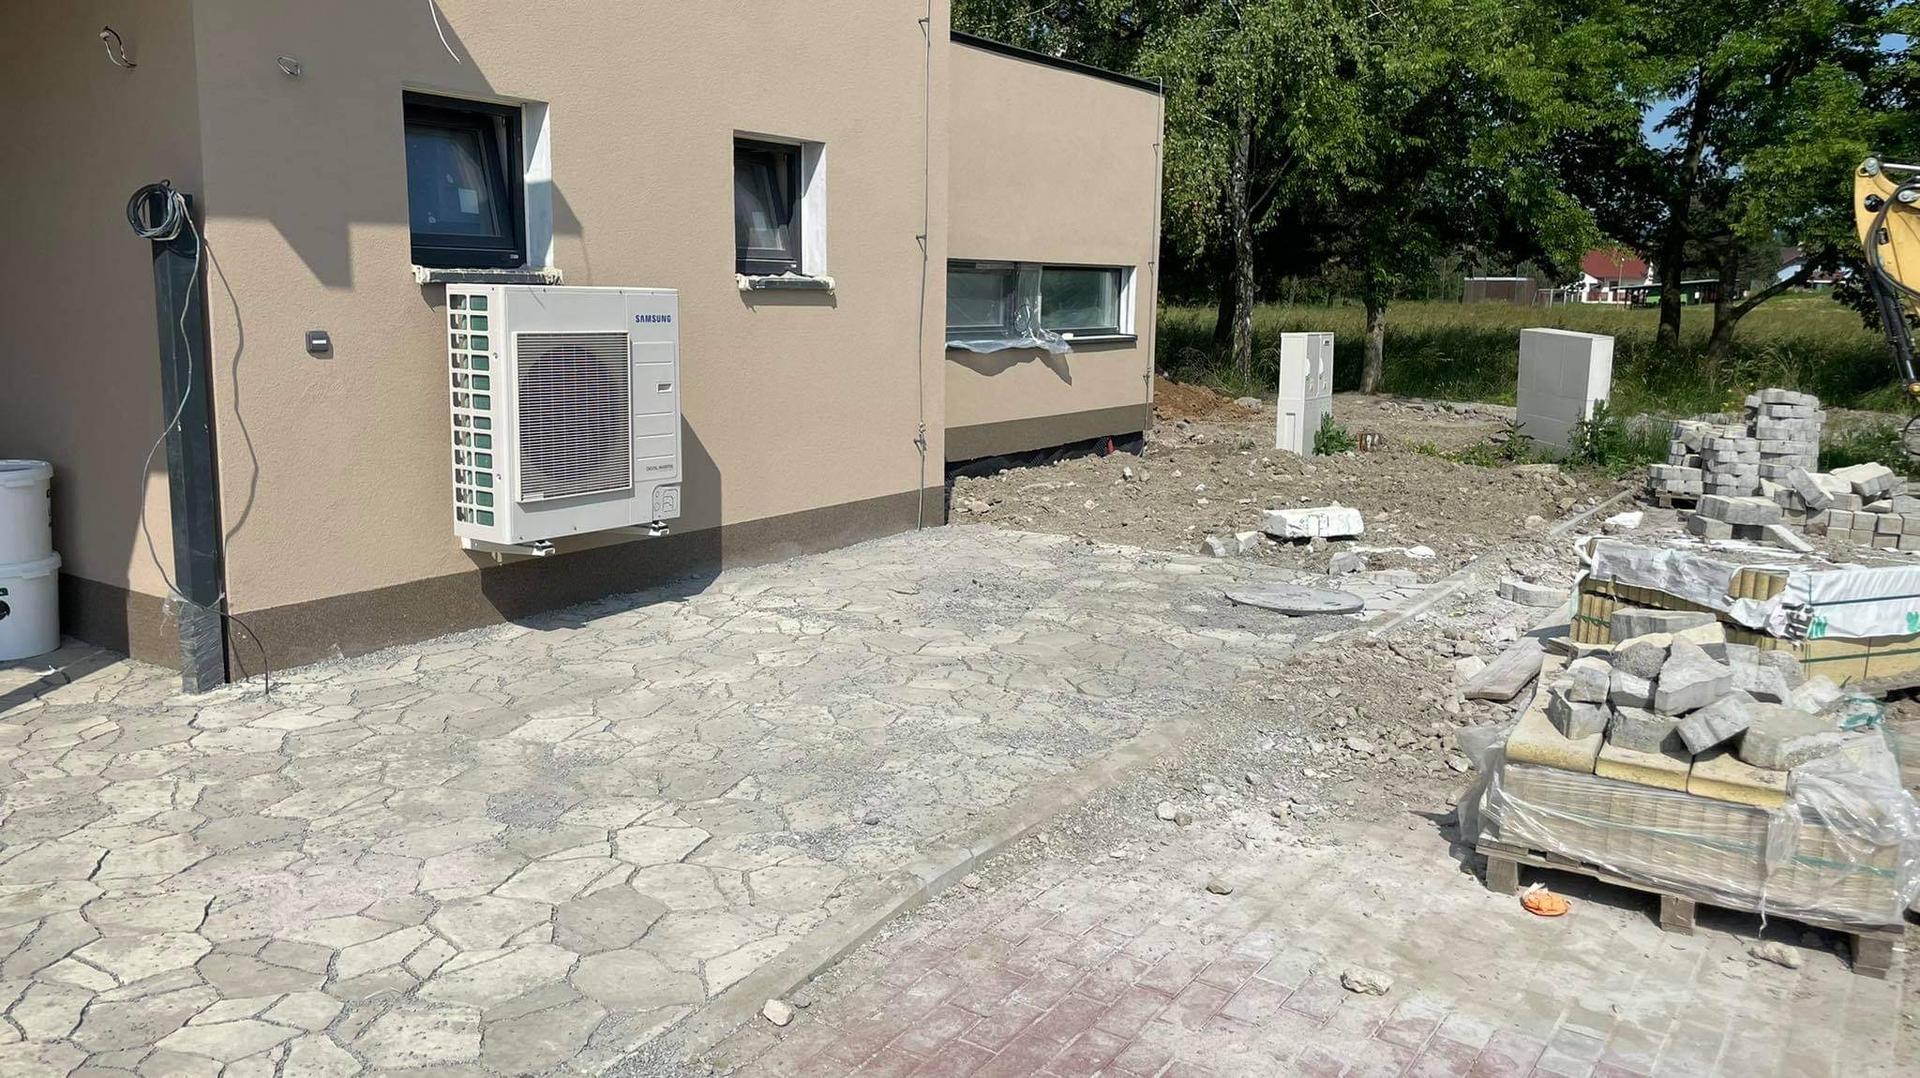 Naše nové doma - Zbyla jedna paleta dlažby, rozšířili jsme místo před domem. Pravděpodobně tady vymyslime nějaký přístřešek na popelnici